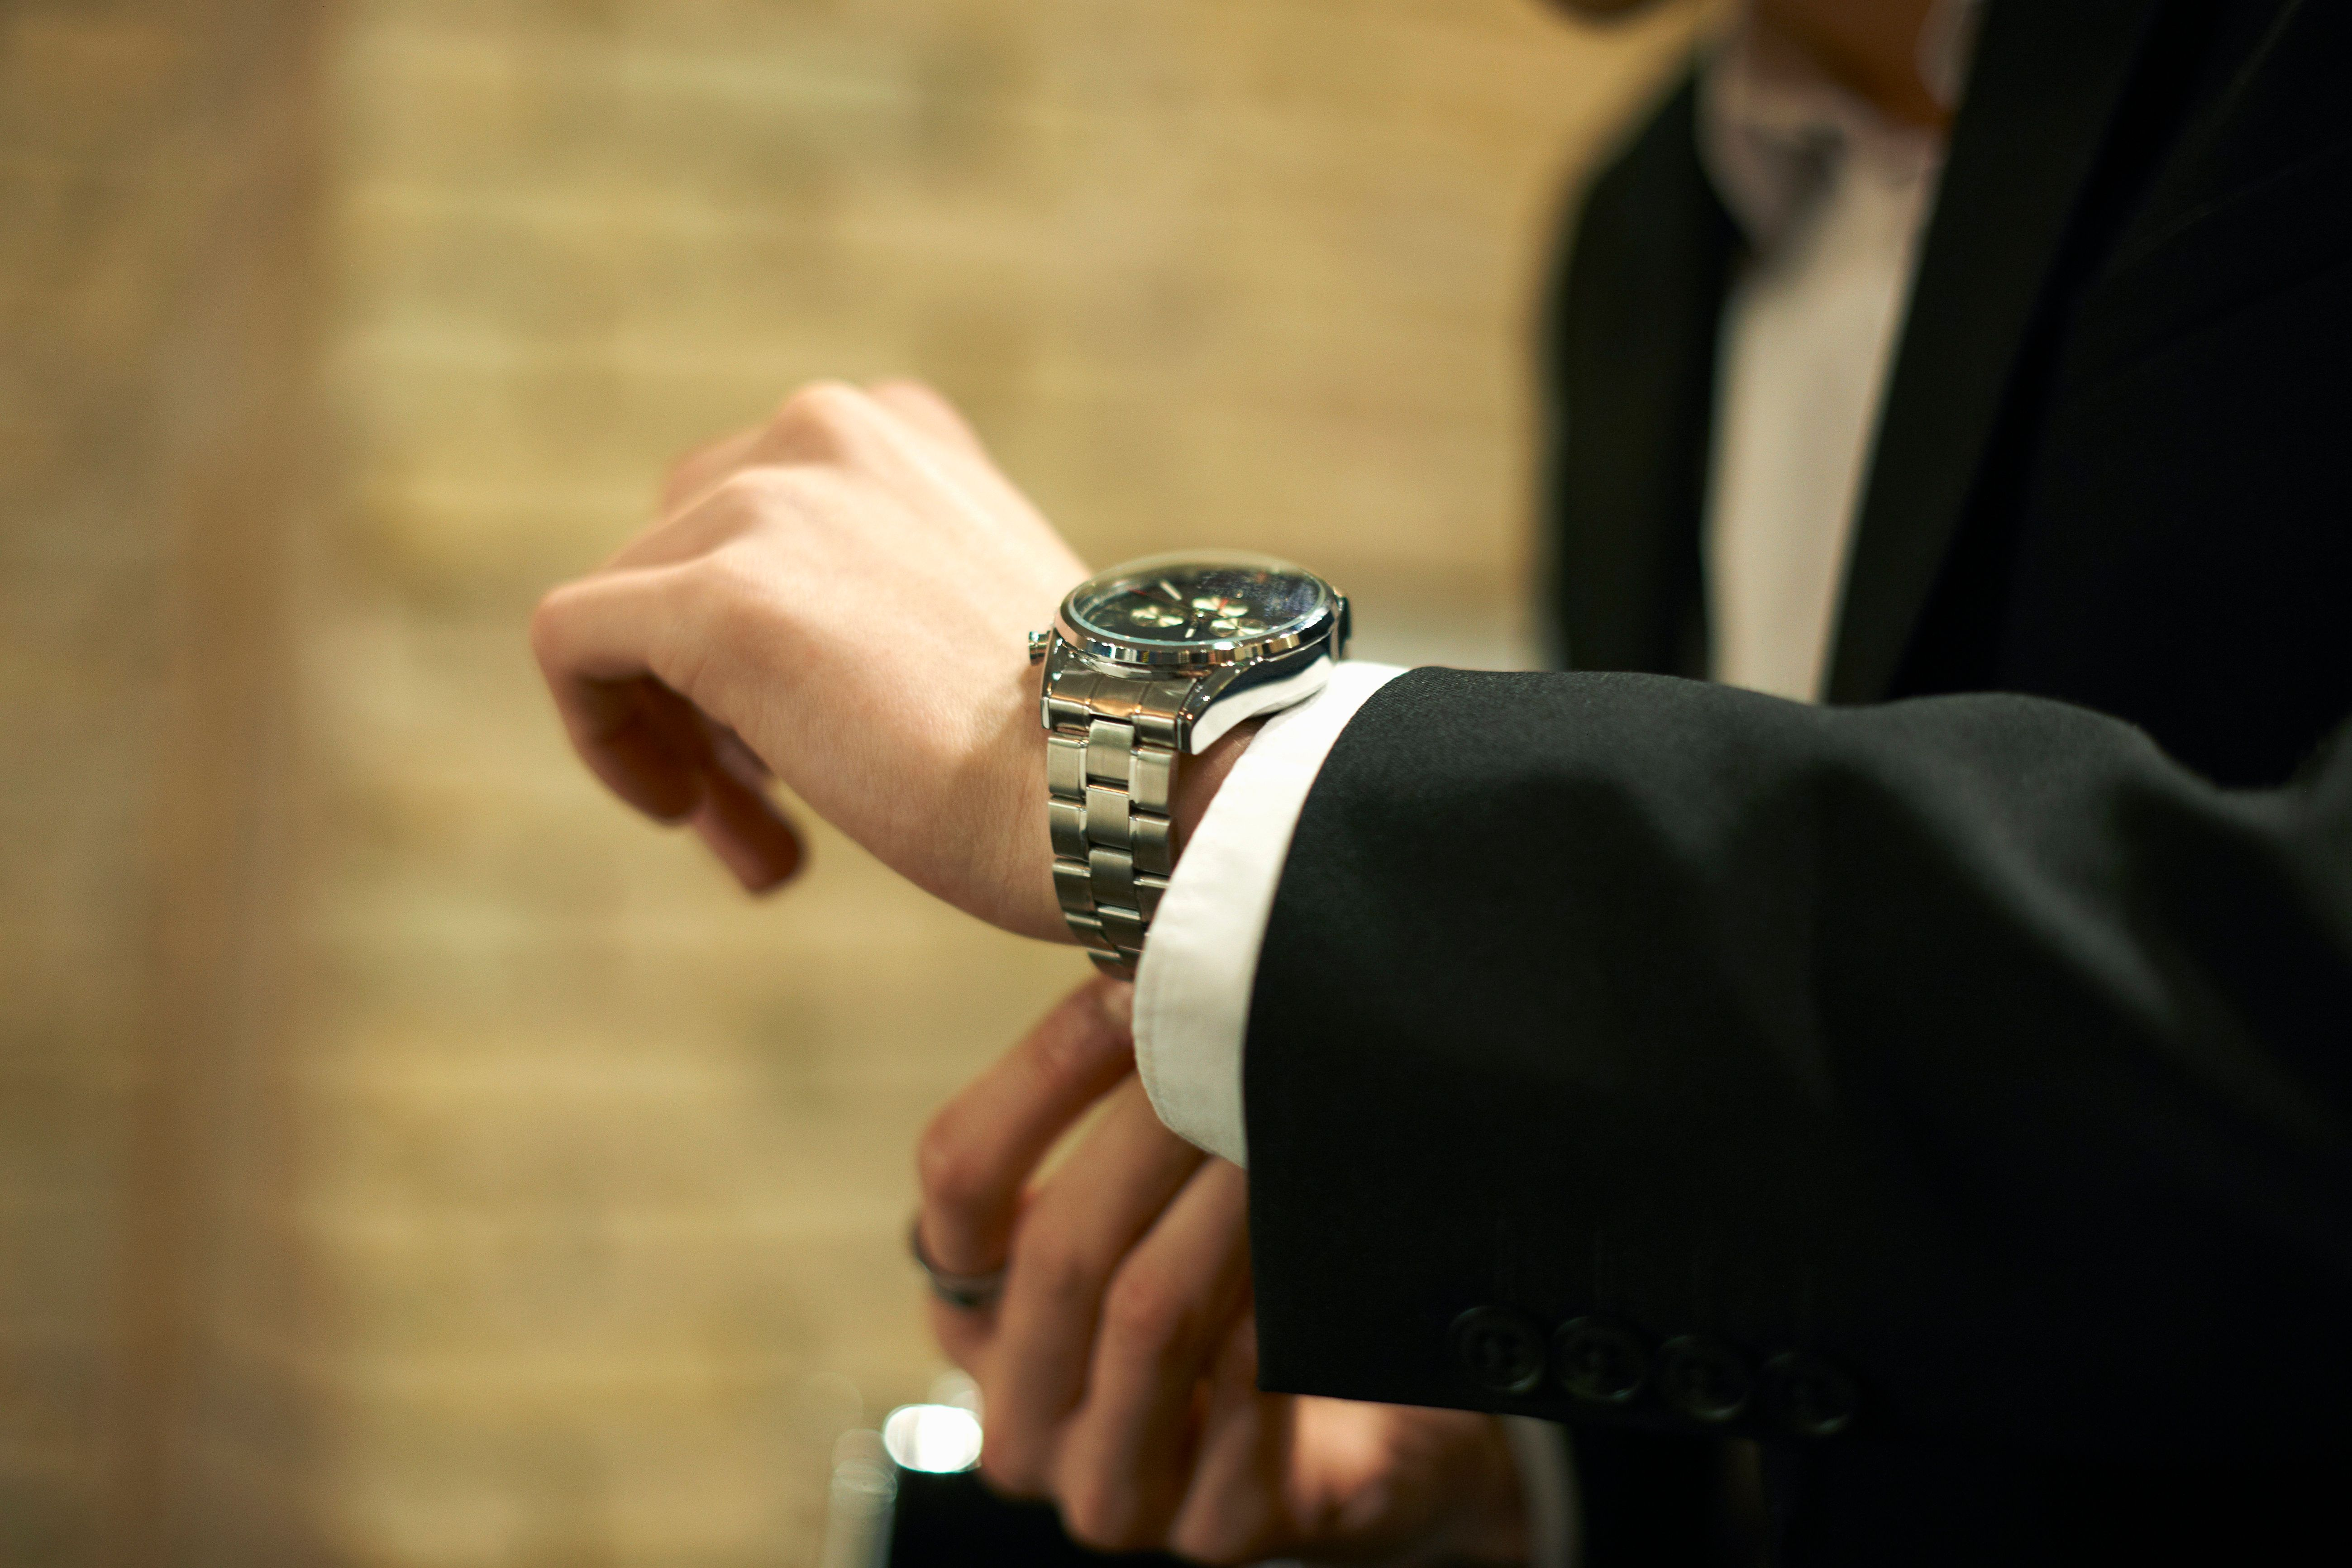 Συμμορίες Ναπολιτάνων έκλεψαν από κροίσους στη Μύκονο ρολόγια αξίας 830.000